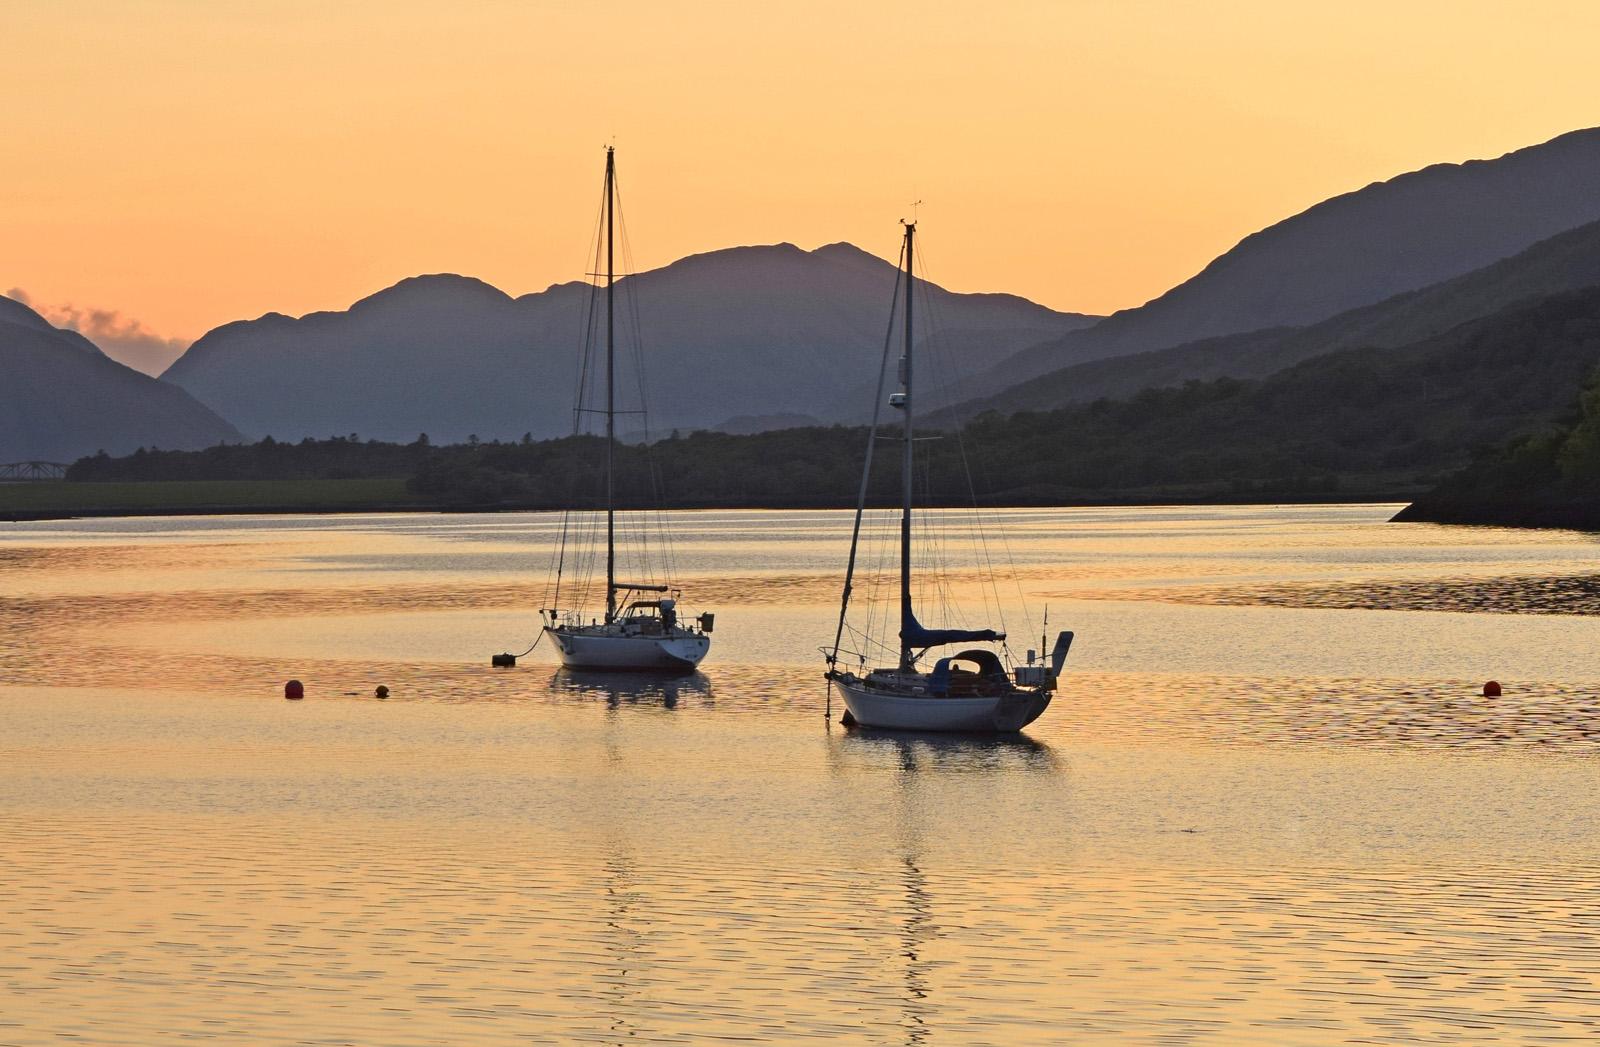 Sunset at Ballachulish